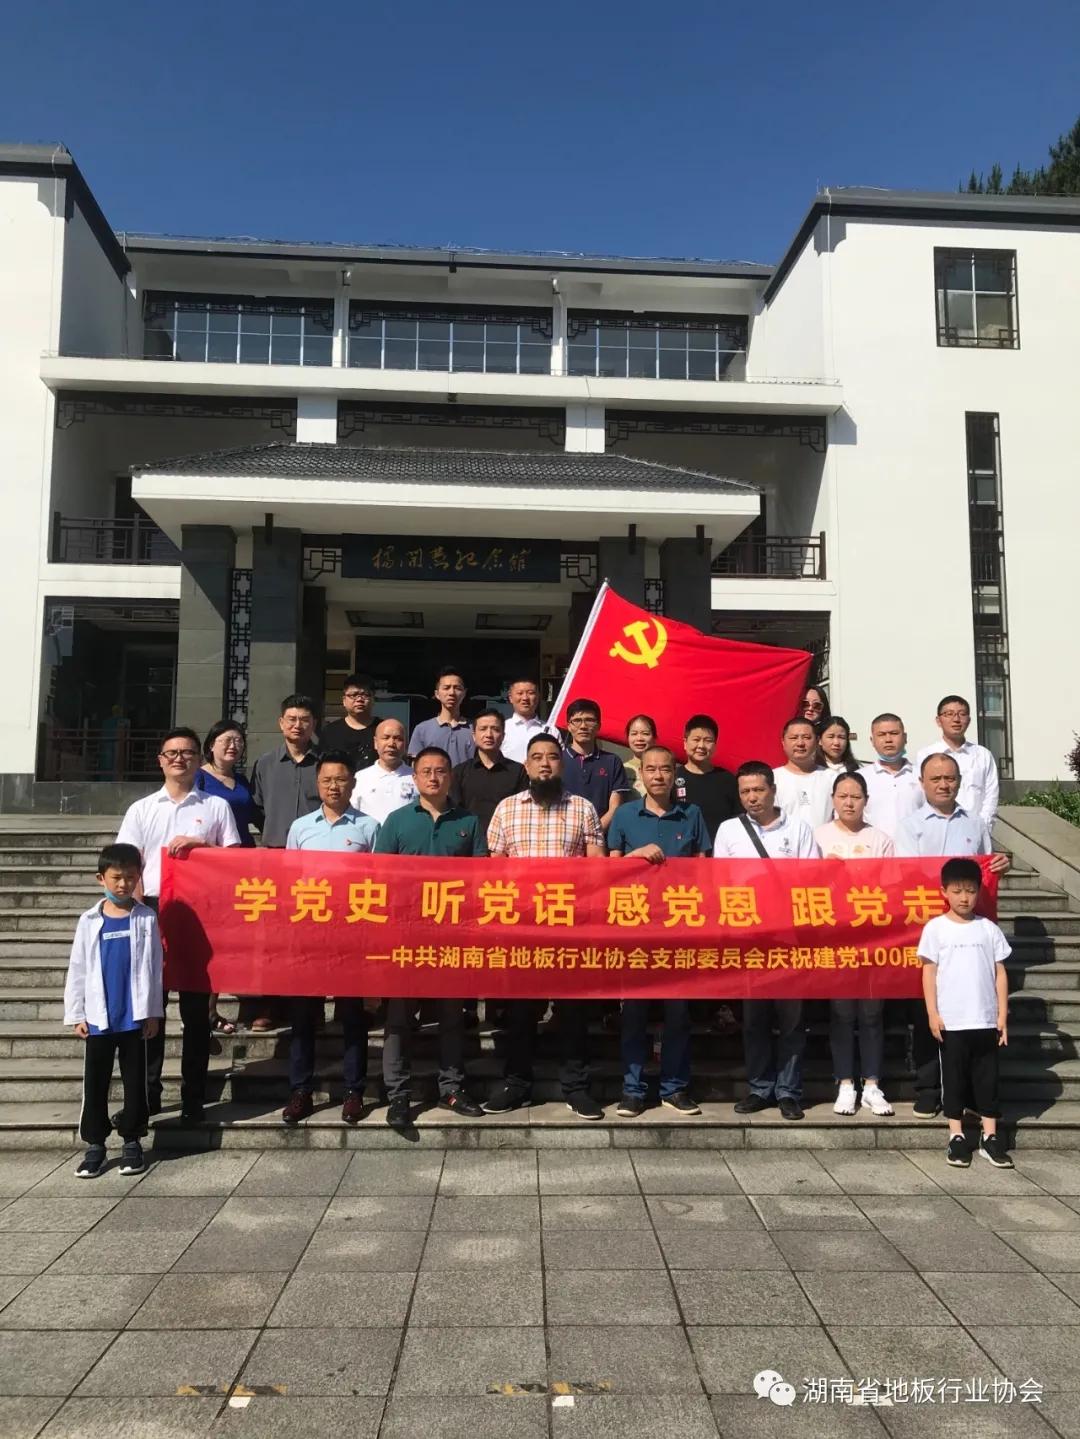 中共湖南省地板行业协会支部委员会一行赴杨开慧故里开展党史学习主题教育